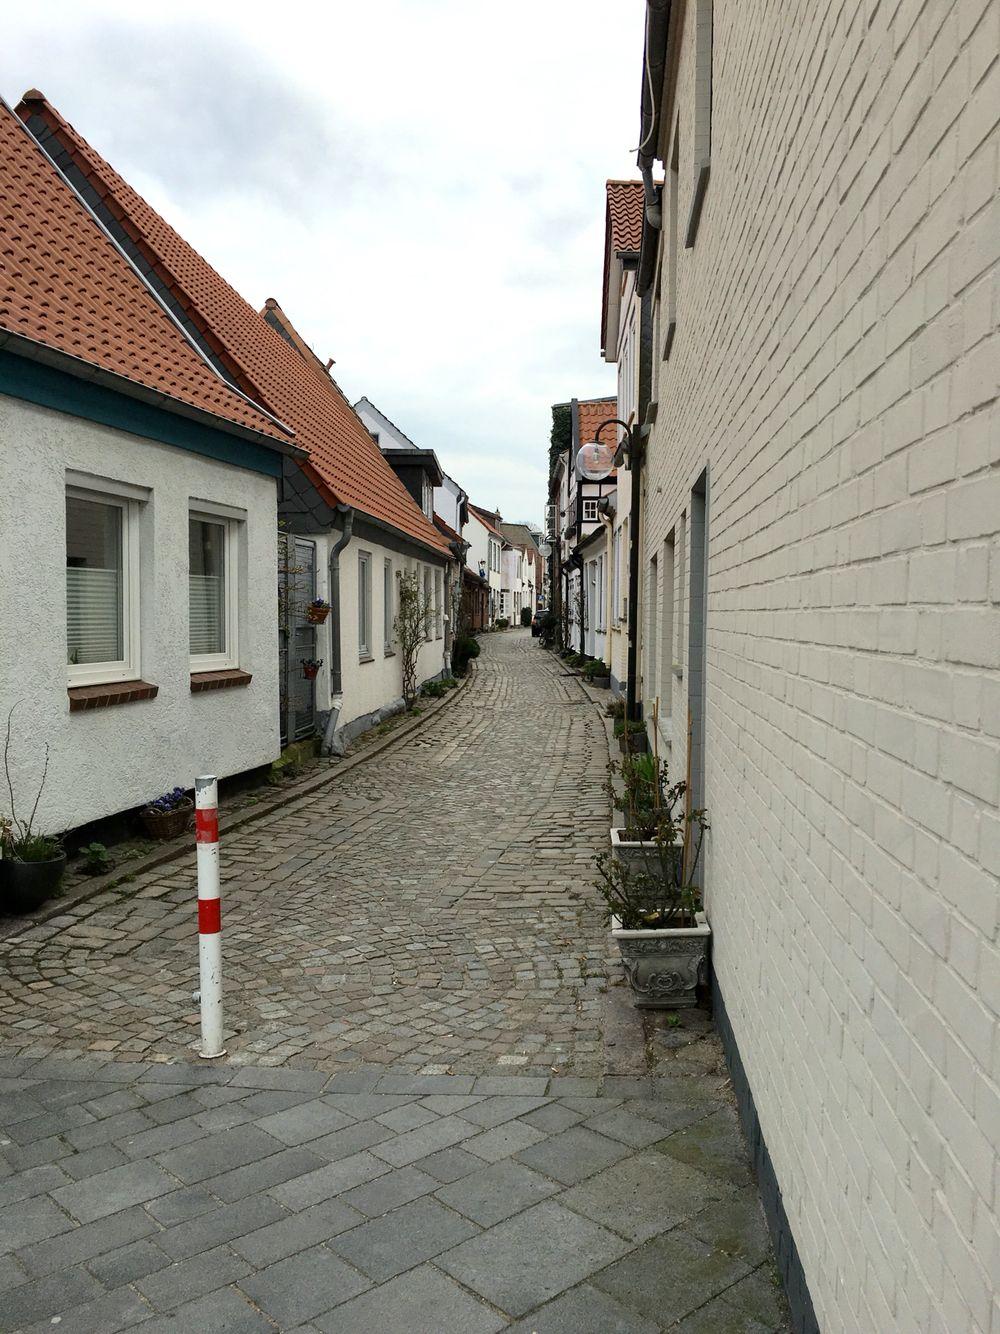 Eckernförde, April 2016